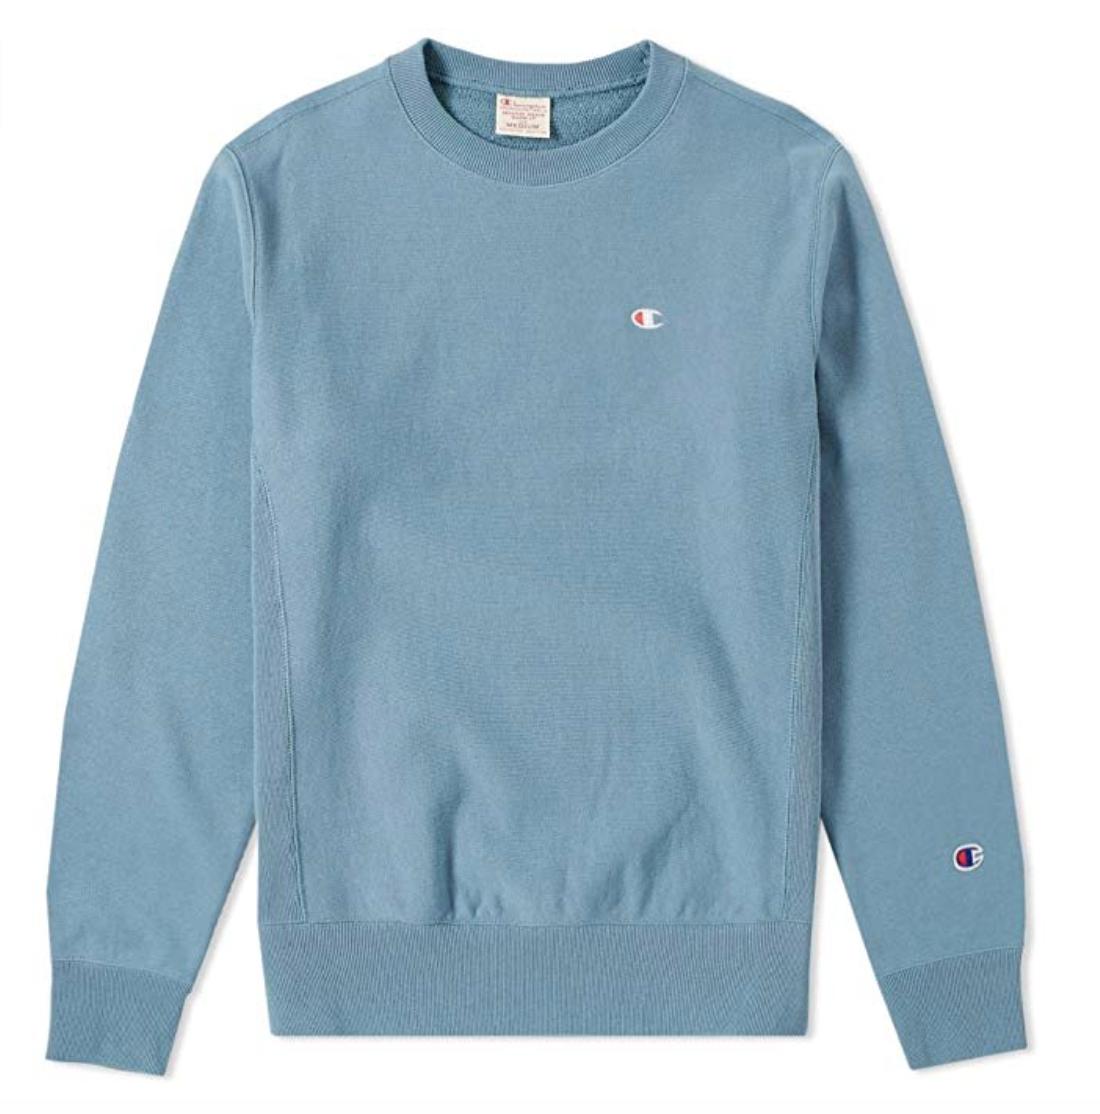 For Sale Champion Reverse Weave Men S Crewneck Sweatshirt Sweatshirts Mens Crewneck Sweatshirt Champion Reverse Weave [ 1114 x 1100 Pixel ]